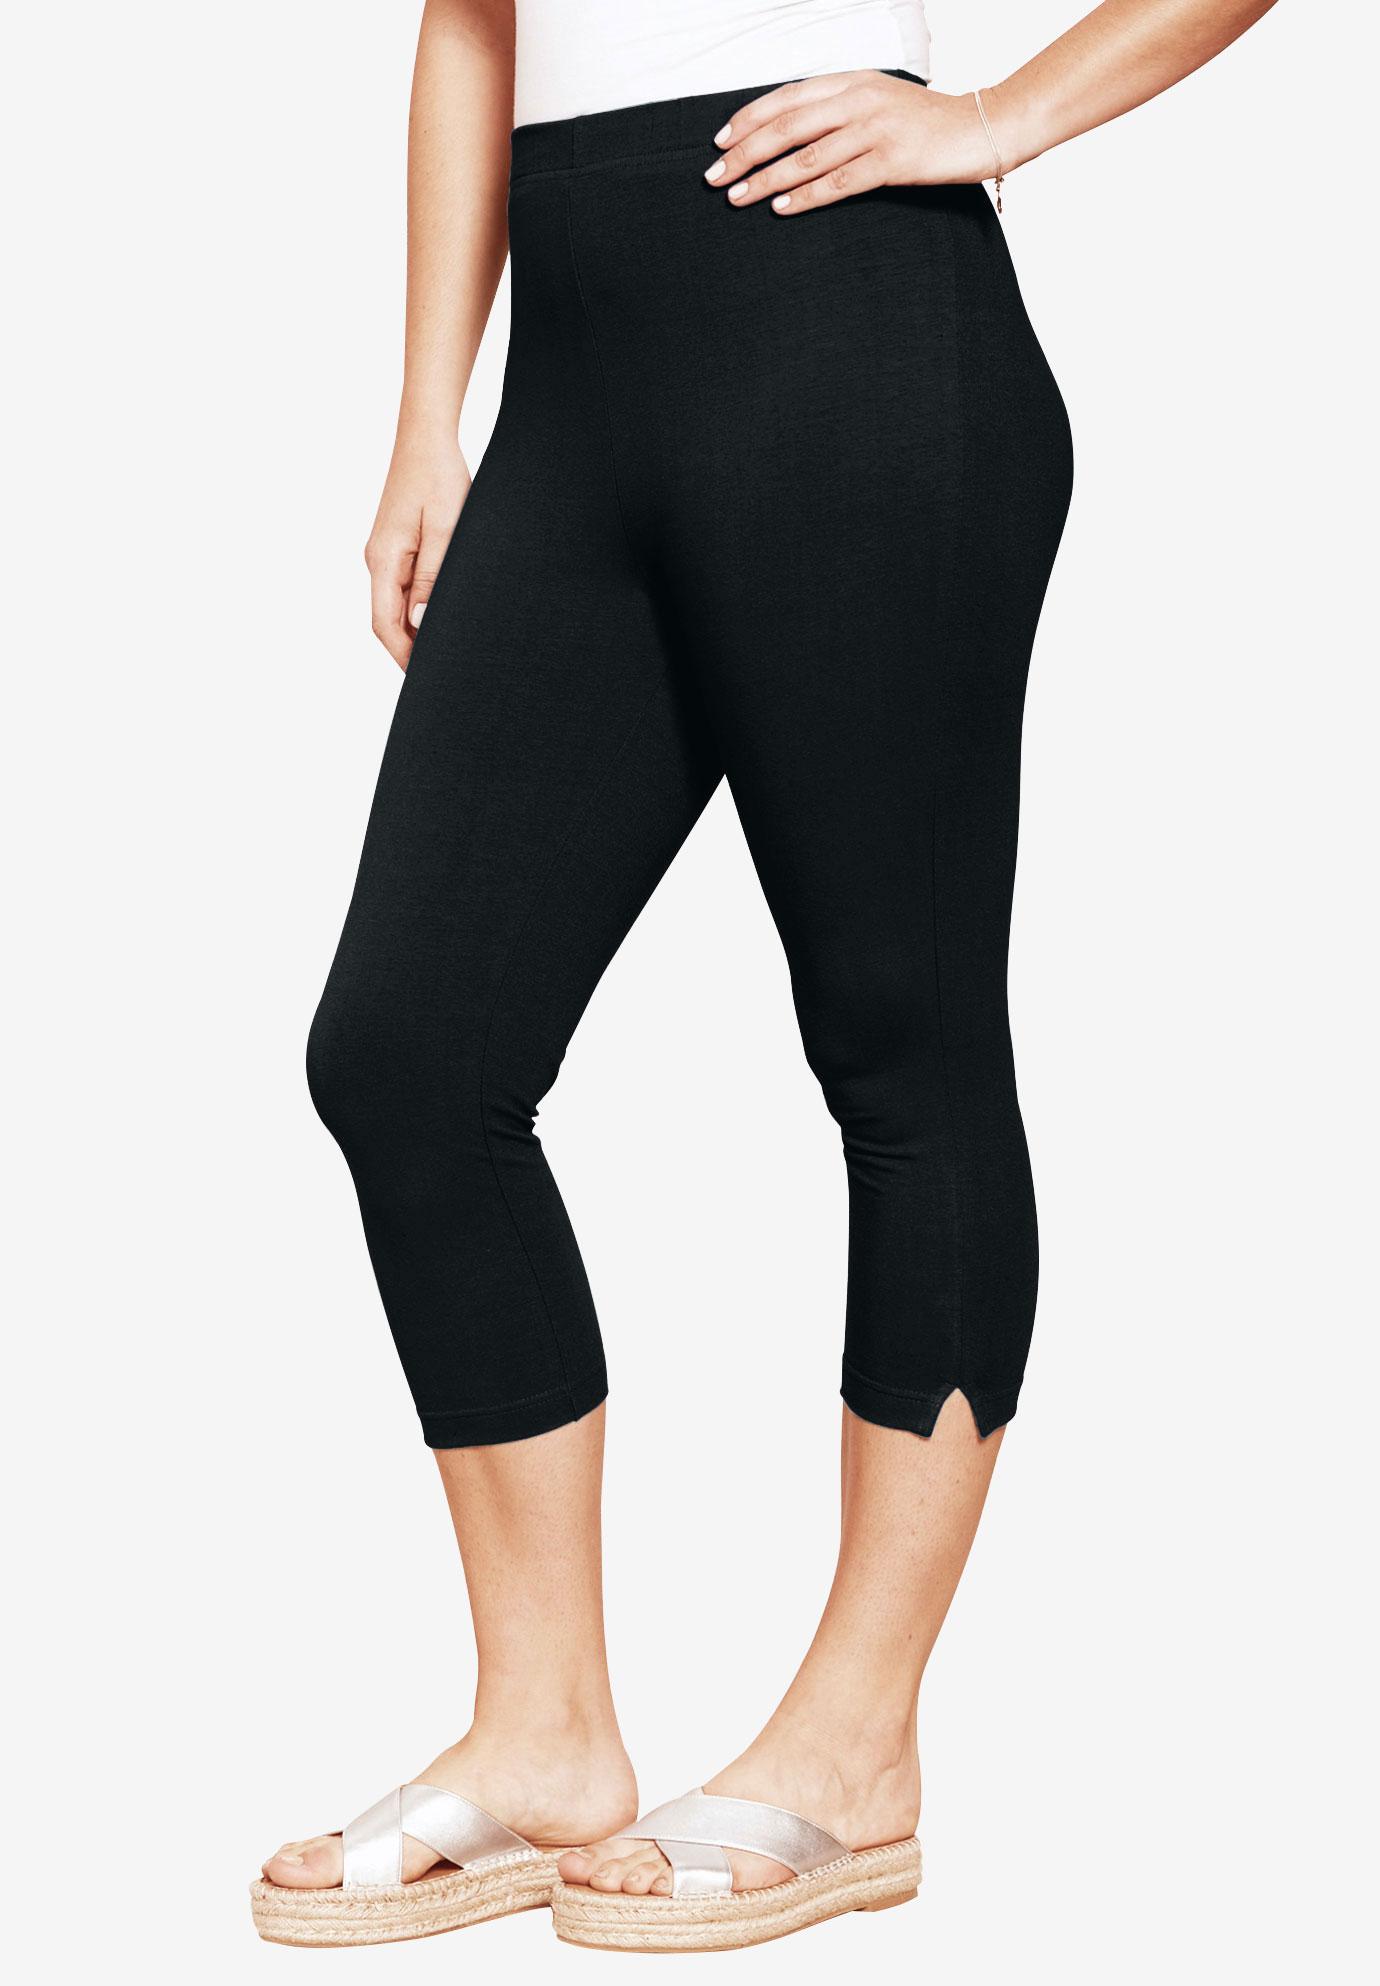 Stretch Capri Leggings Plus Size Activewear Bottoms Roamans